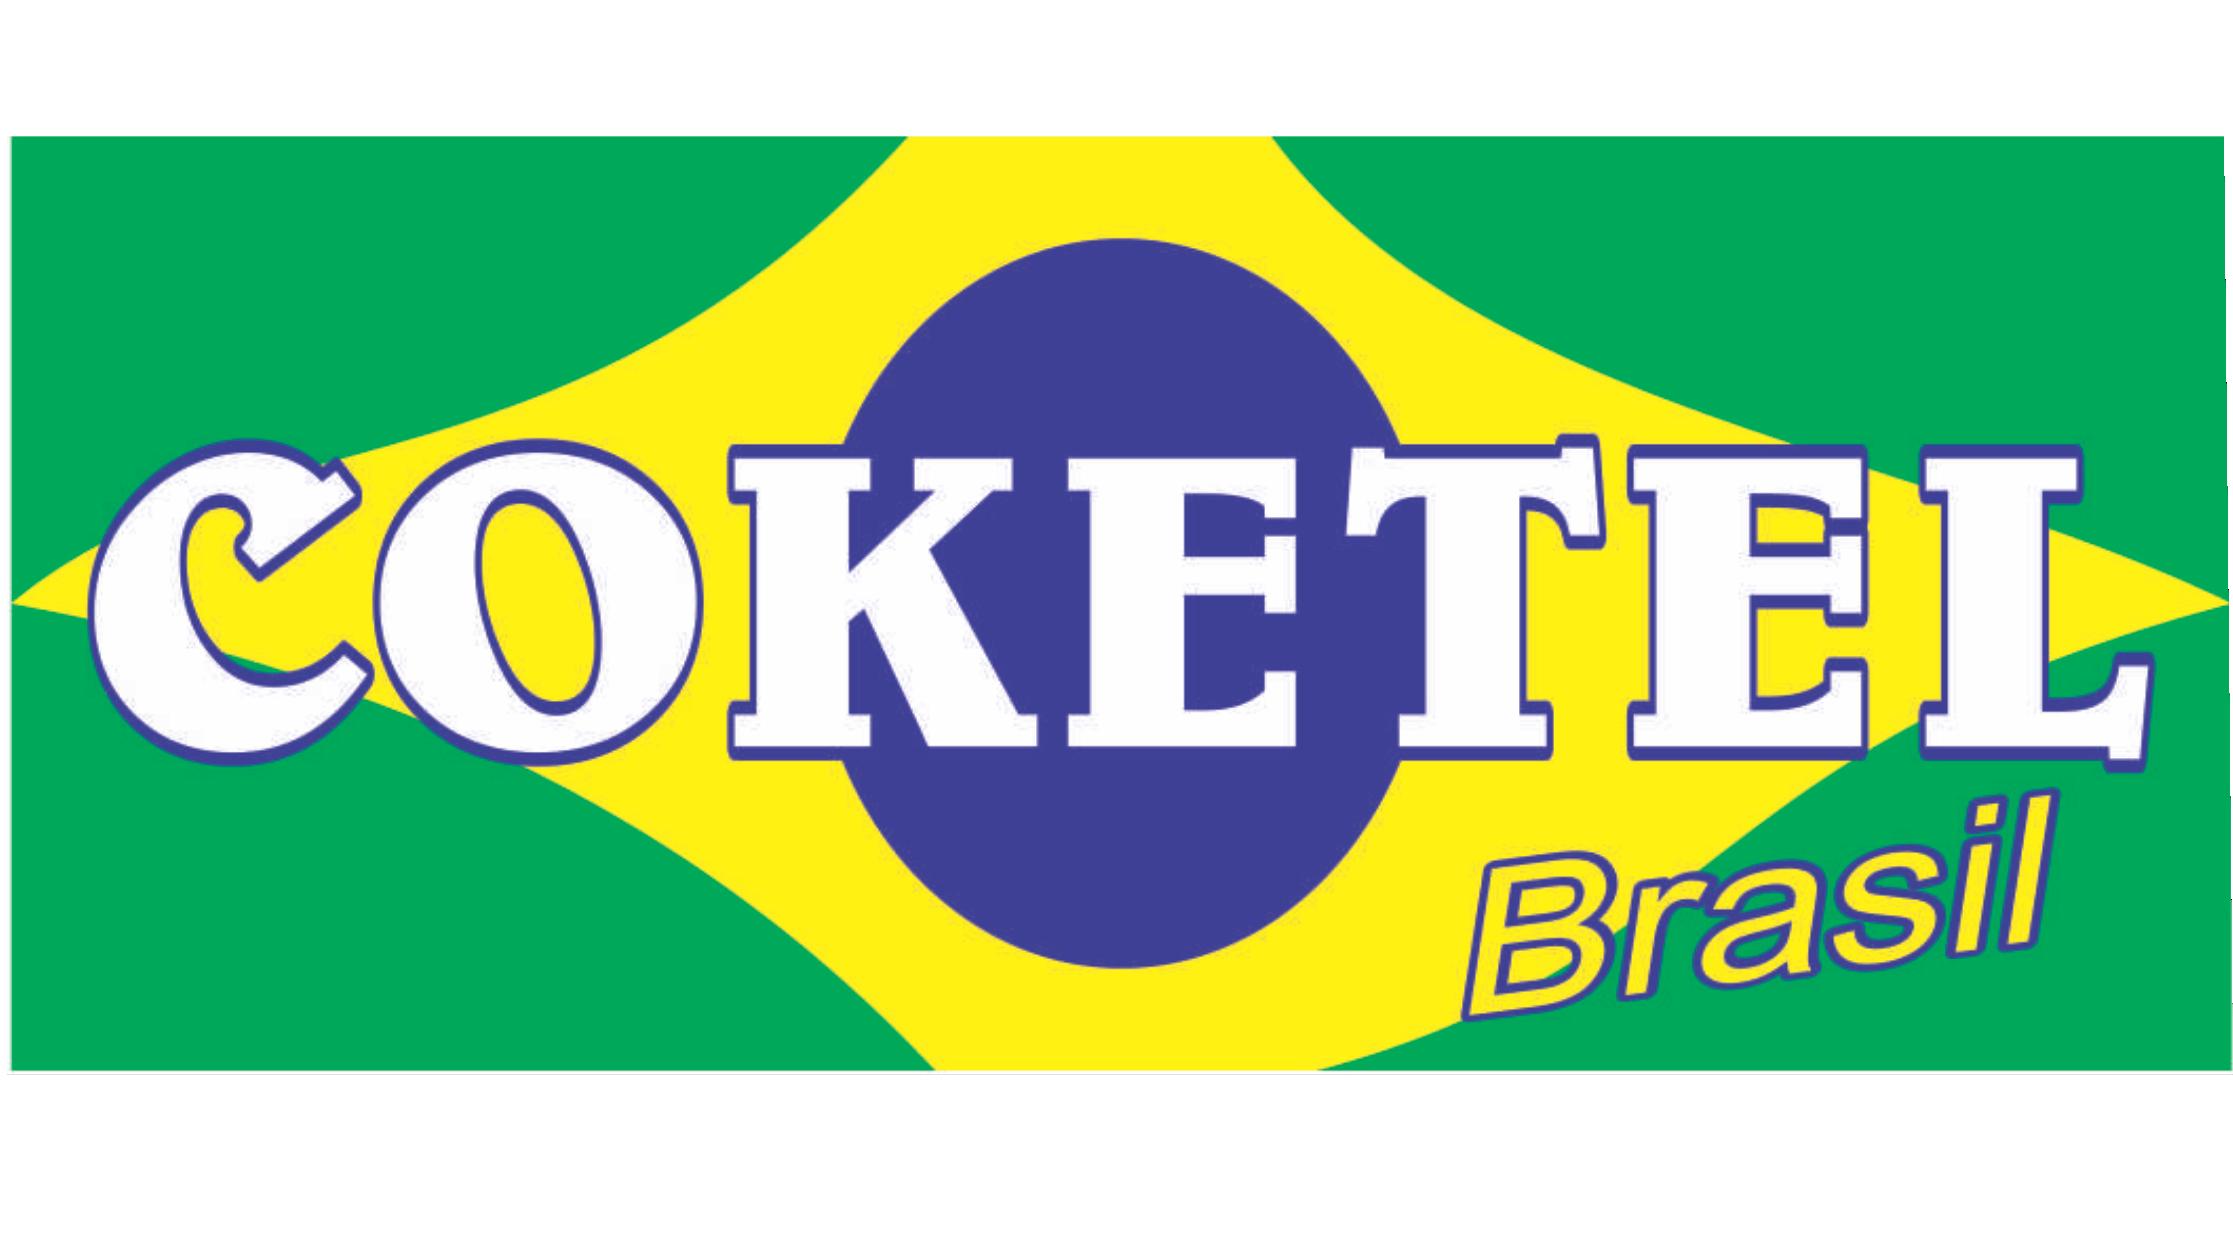 COKETEL BRASIL